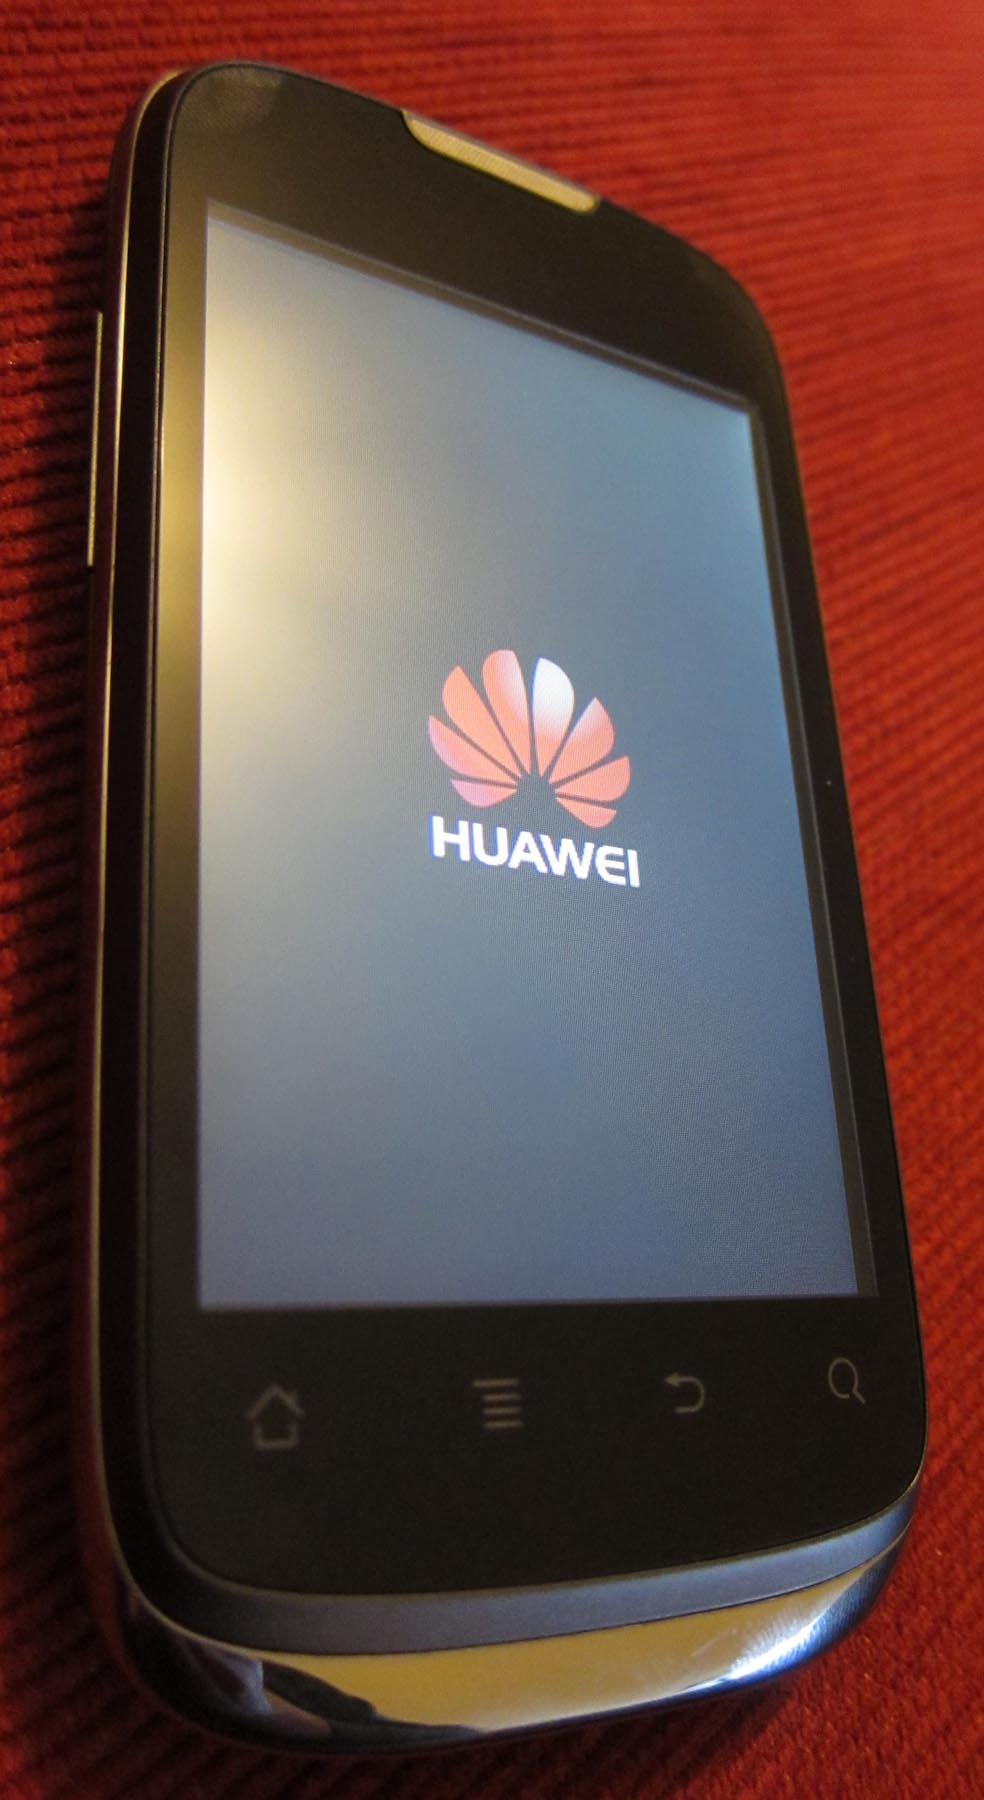 Huawei Sonic U8650 Review